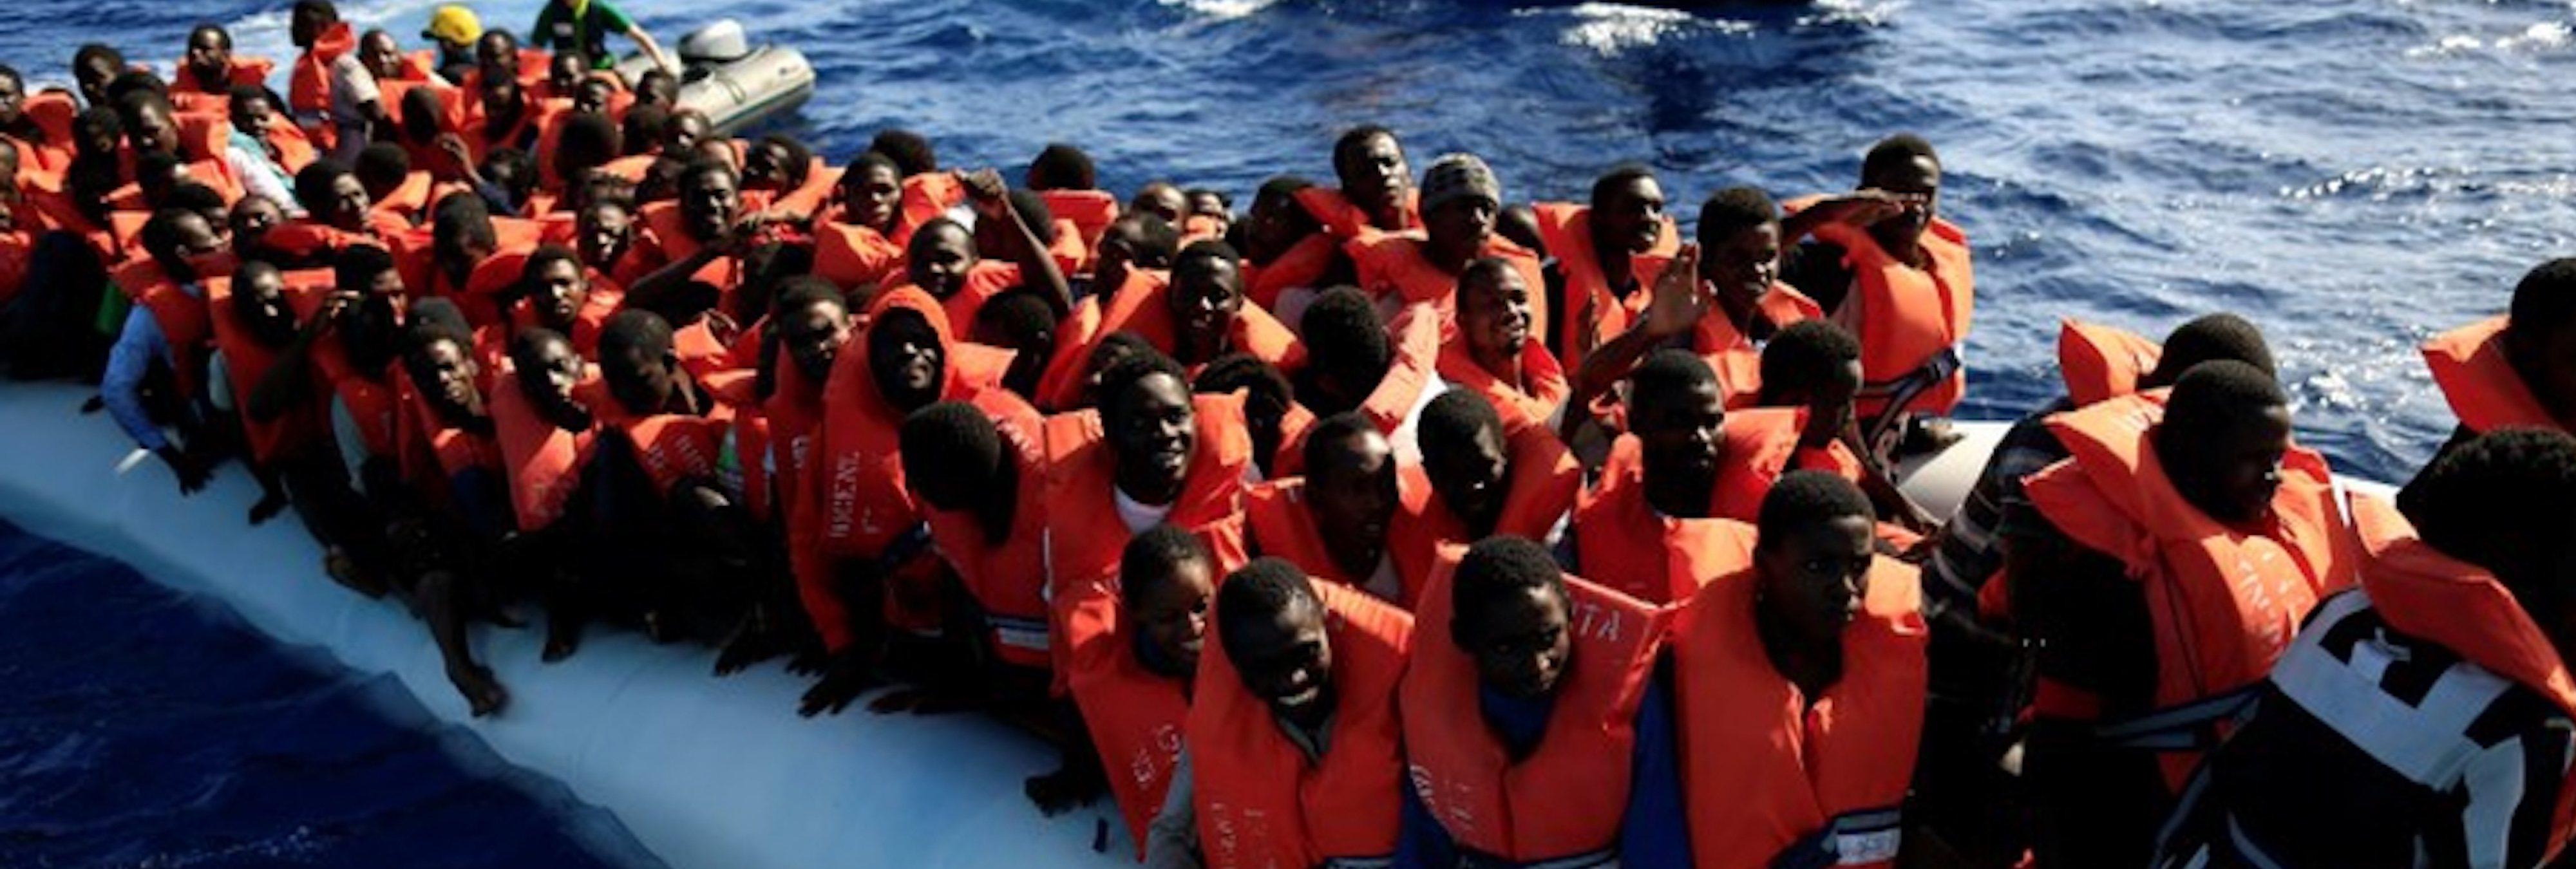 Piden 20 años de cárcel para un bombero por rescatar inmigrantes en el Mediterráneo